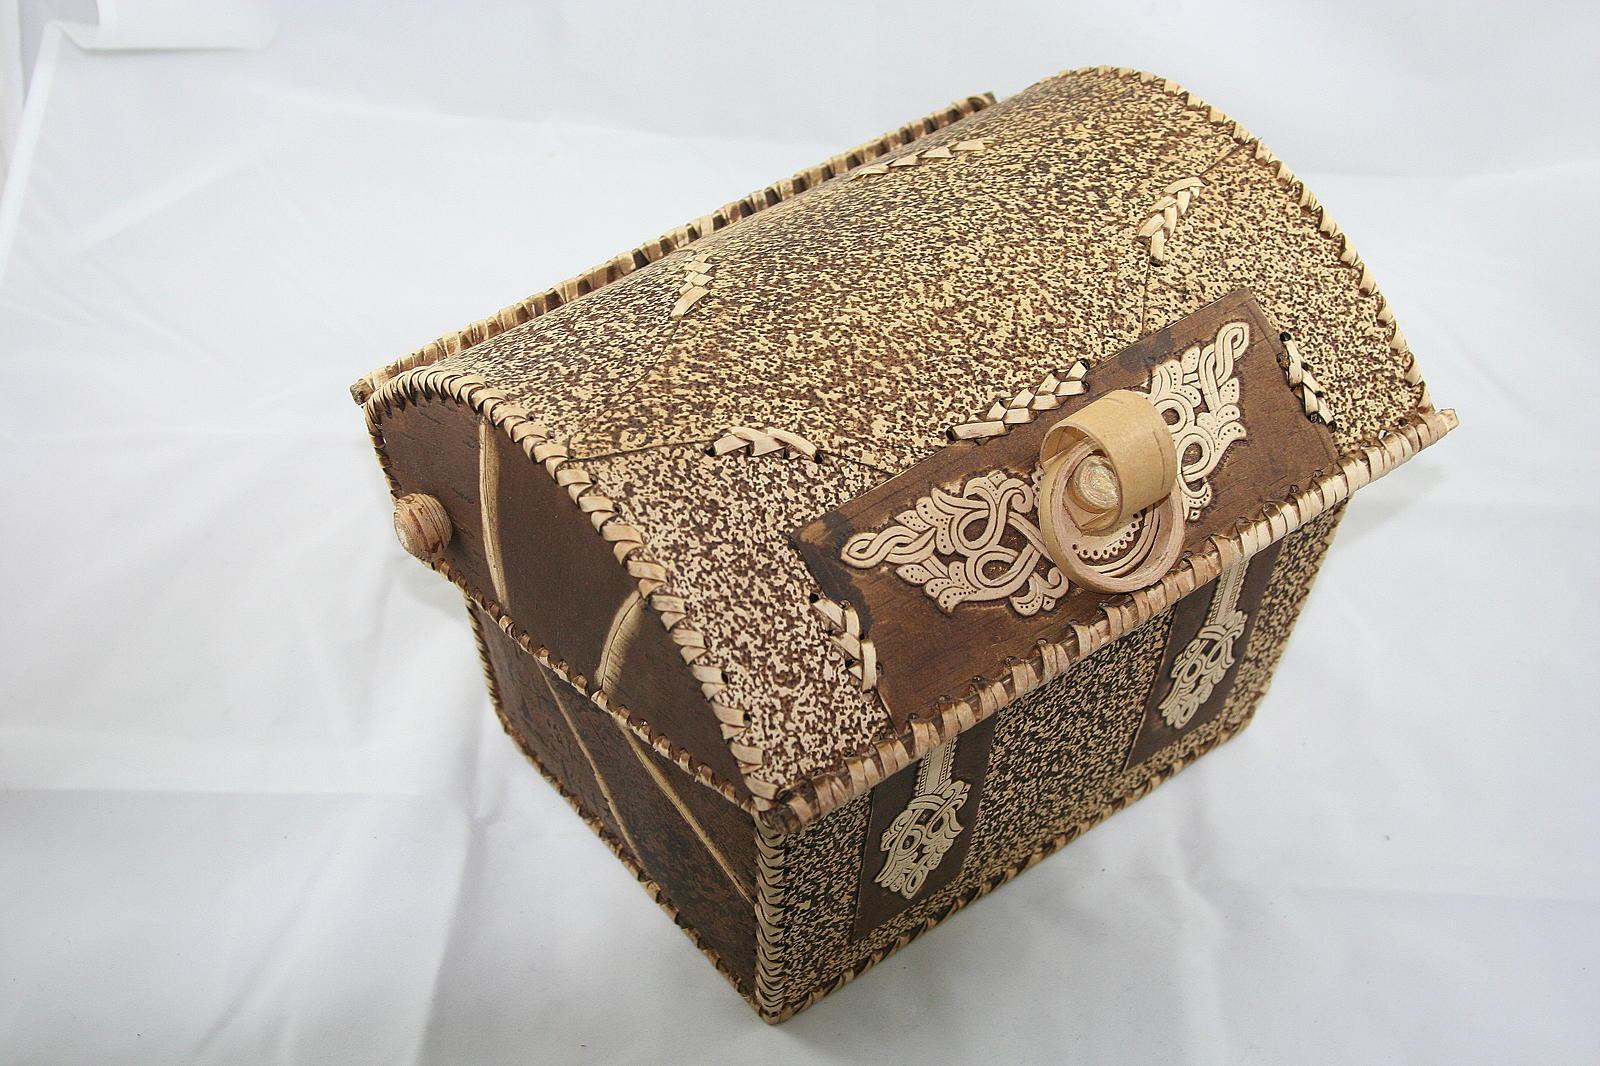 Новомодные изделия из бересты – оригинальная шкатулка и берестяной короб